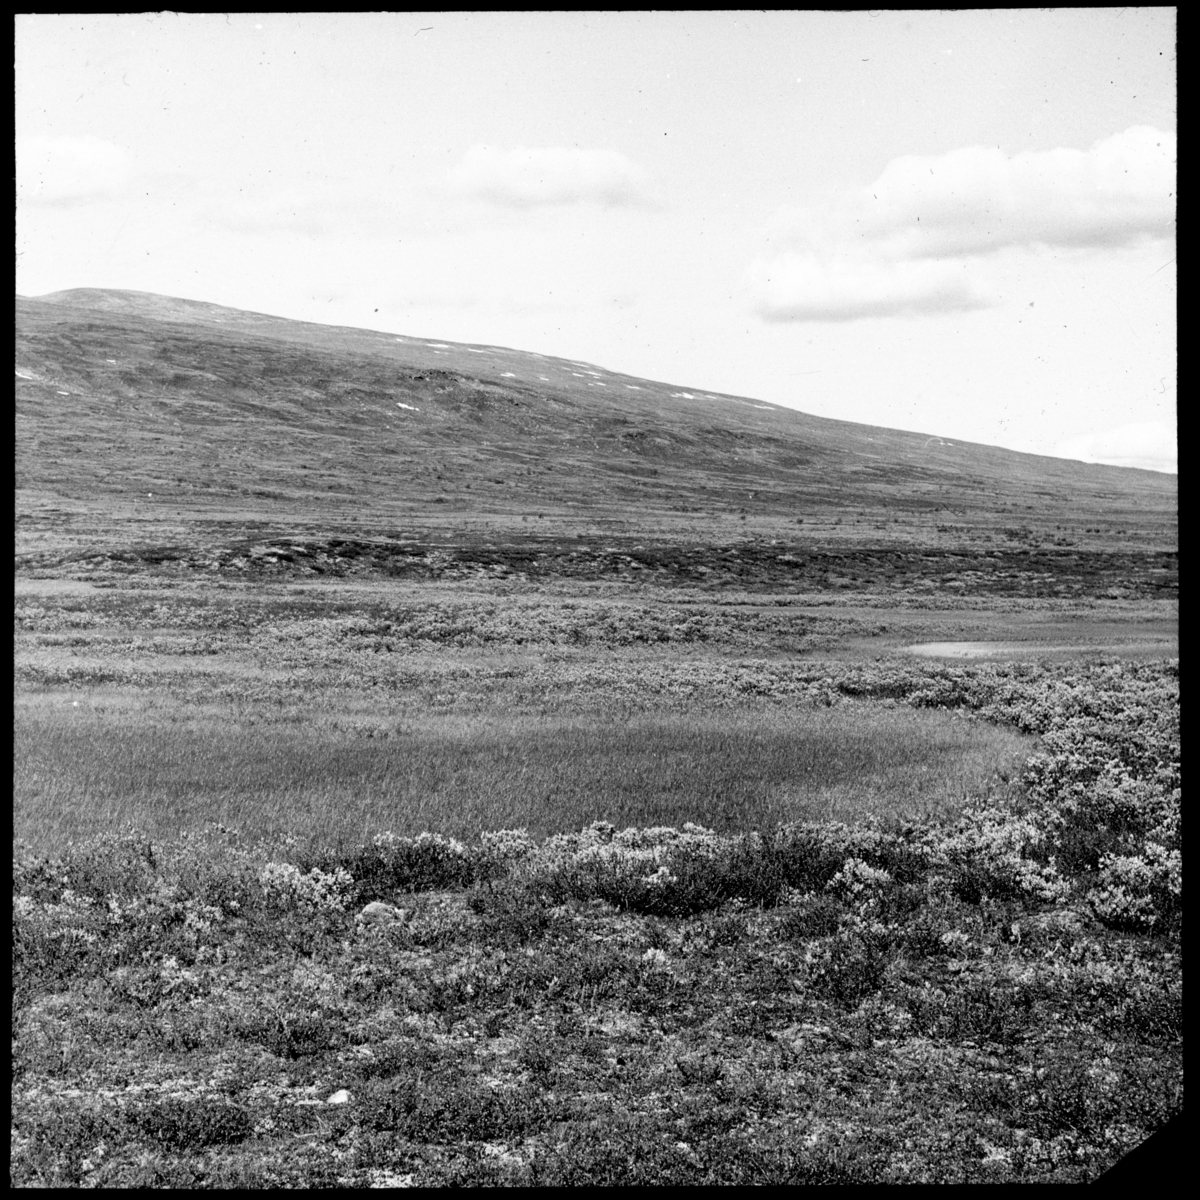 'Bildtext: ''Häckningsterräng för kärrsnäppa och myrsnäppa norr om Tjålmejaure.'' Vy med våtmark, kärr och gräs- och risvegetation nedanför sluttning. ::  :: Ingår i serie med fotonr. 5163:1-7 numrerade med bildnr 201-207.'